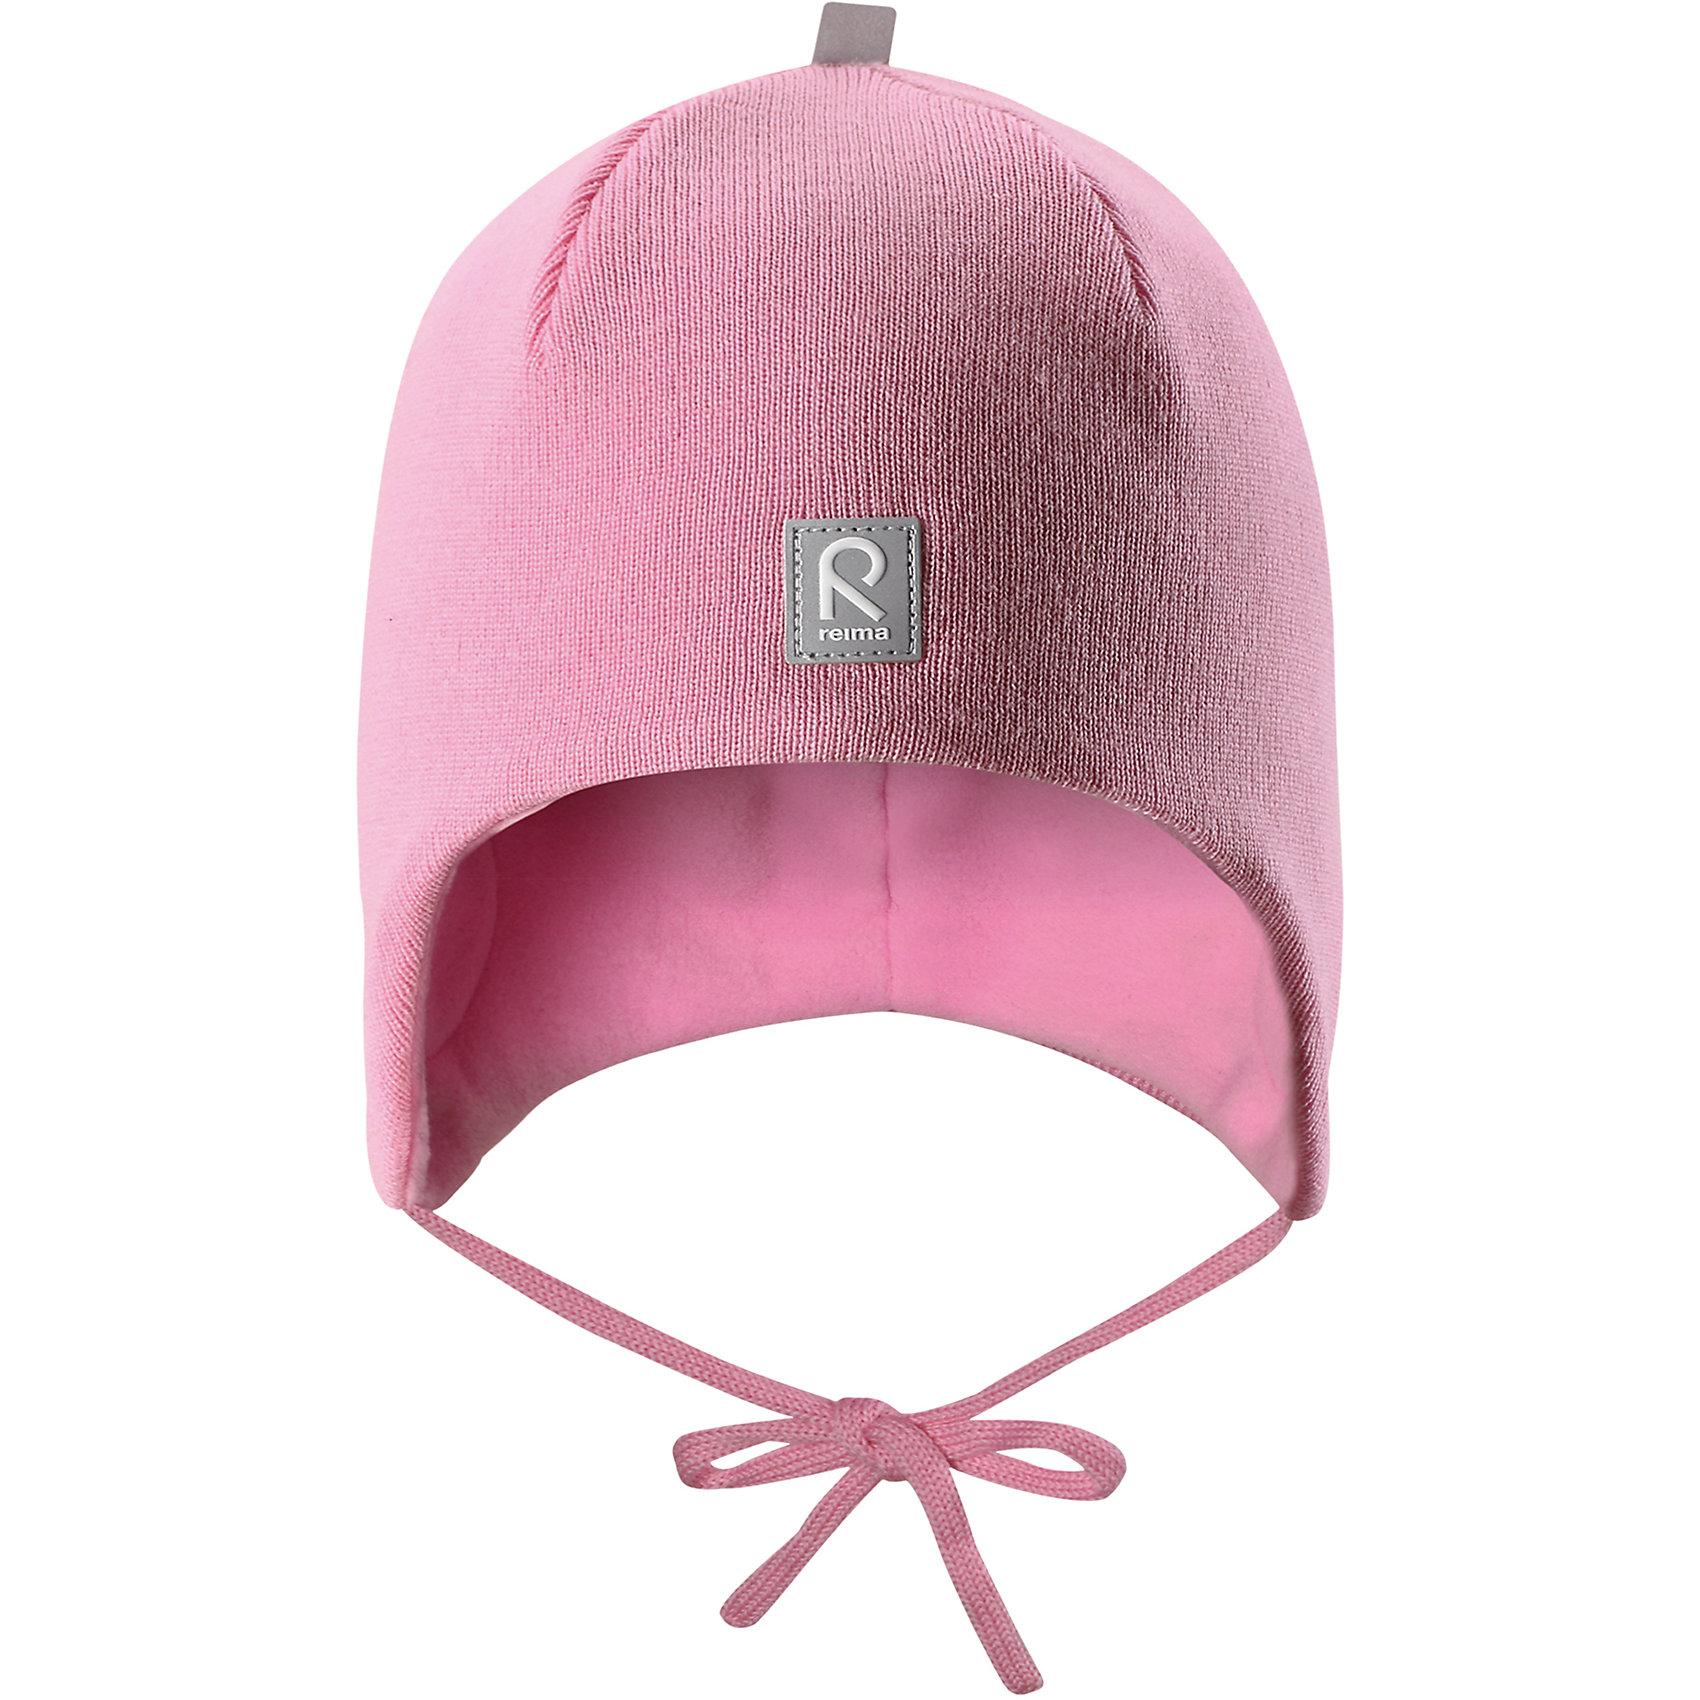 Шапка Reima AuvaШапочки<br>Характеристики товара:<br><br>• цвет: розовый;<br>• состав: 100% шерсть;<br>• подкладка: 100% полиэстер, флис;<br>• температурный режим: от 0 до -20С;<br>• сезон: зима; <br>• особенности модели: вязаная, на подкладке, на завязках;<br>• мягкая ткань из мериносовой шерсти для поддержания идеальной температуры тела;<br>• сплошная подкладка: мягкий флис;<br>• ветронепроницаемые вставки в области ушей;<br>• светоотражающая эмблема;<br>• логотип Reima спереди;<br>• страна бренда: Финляндия;<br>• страна изготовитель: Китай.<br><br>Вязаная шапка на завязках для малышей из мериносовой шерсти подарит уют в морозную погоду: мягкая подкладка из флиса обеспечит ребенку тепло и комфорт. Шерстяная шапка с флисовой подкладкой идеально подходит для маленьких любителей приключений на свежем воздухе, ведь флис быстро сохнет и выводит влагу. <br><br>За счет эластичной вязки шапка отлично сидит, а ветронепроницаемые вставки в области ушей защищают ушки от холодного ветра. Благодаря завязкам эта стильная шапка не съезжает и хорошо защищает голову. Создайте стильный теплый образ: сочетайте шапку с горловиной Star.<br><br>Шапка Auva Reima от финского бренда Reima (Рейма) можно купить в нашем интернет-магазине.<br><br>Ширина мм: 89<br>Глубина мм: 117<br>Высота мм: 44<br>Вес г: 155<br>Цвет: розовый<br>Возраст от месяцев: 36<br>Возраст до месяцев: 48<br>Пол: Унисекс<br>Возраст: Детский<br>Размер: 50,52,46,48<br>SKU: 6907041